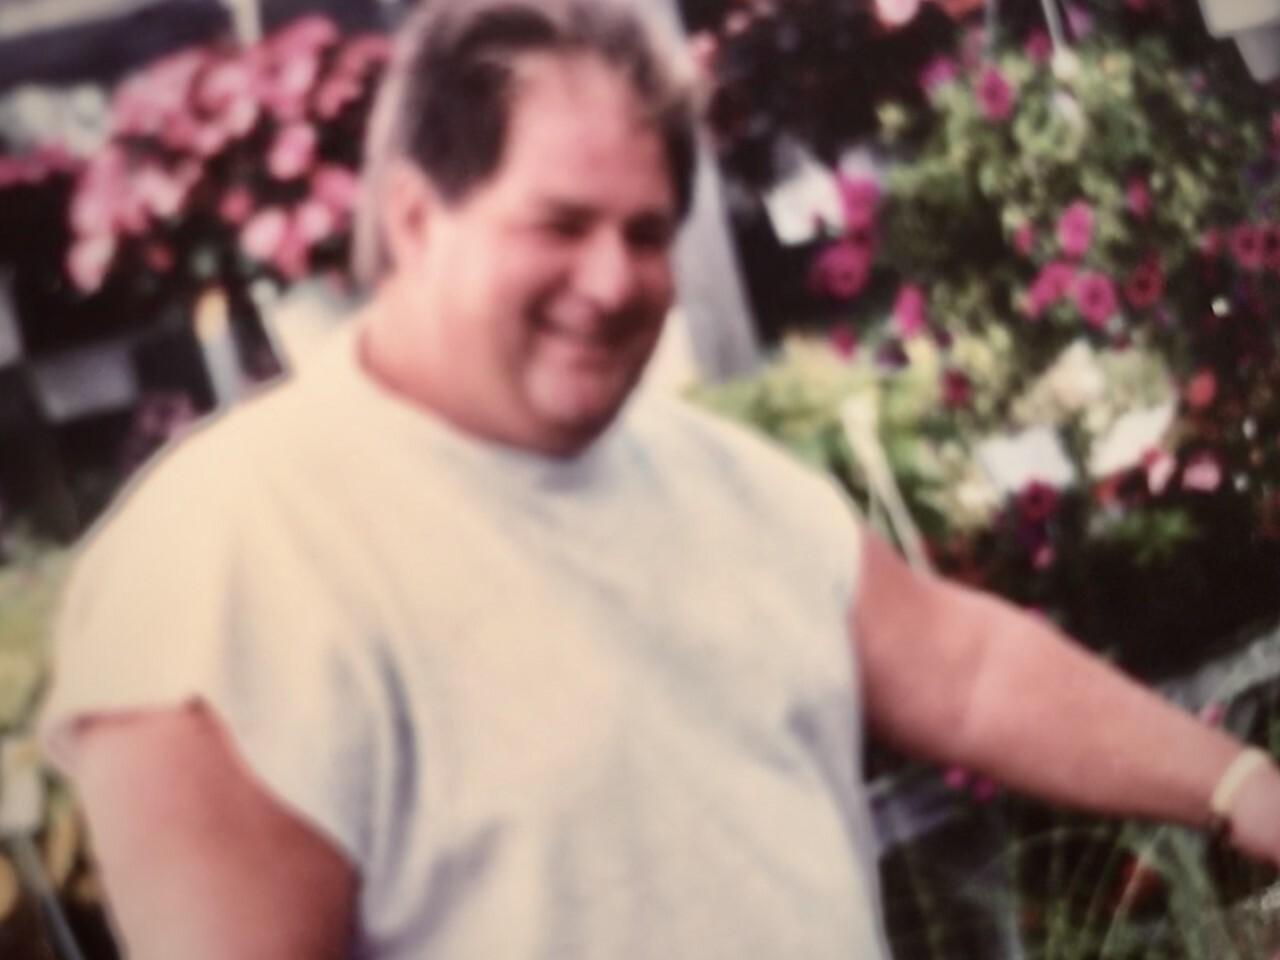 Michael De Rosa